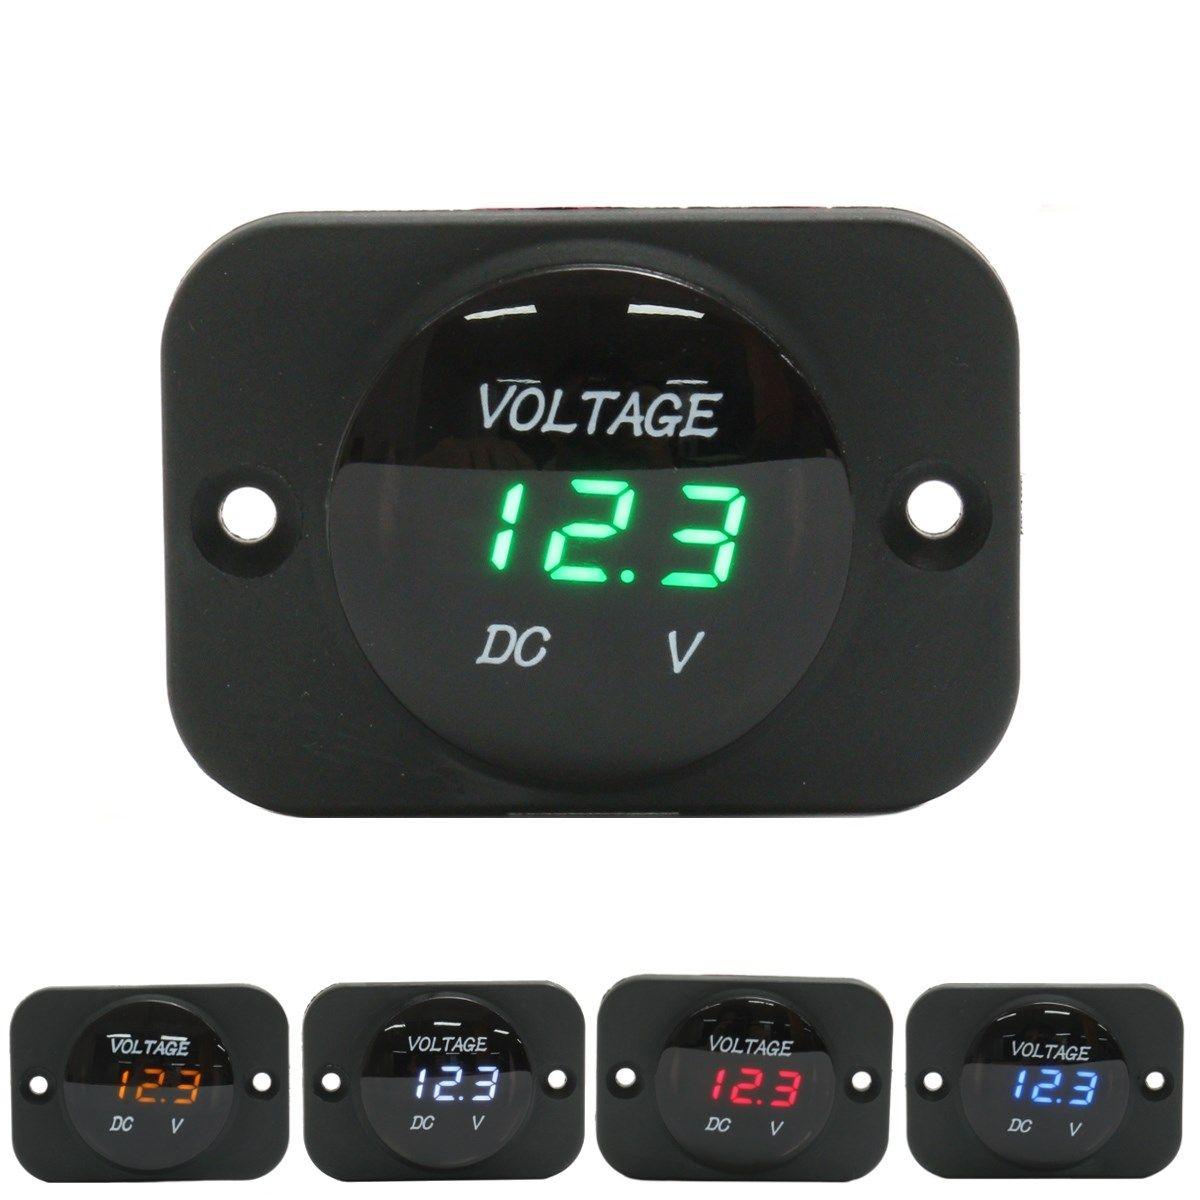 DC 12-24V Waterproof Car Boat Motorcycle LED Voltmeter Digital Display Volt Voltage Meter Gauge Durable Quality